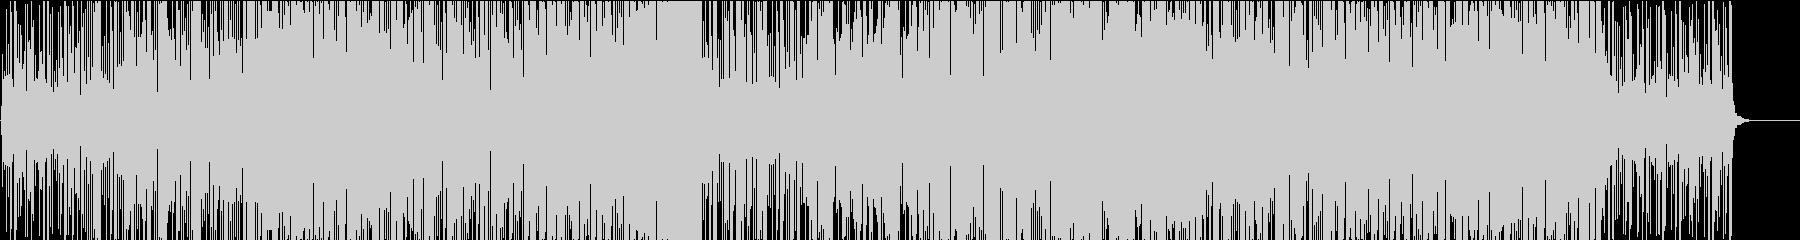 サルサ・ティンバ/キューバ系ラテン音楽の未再生の波形